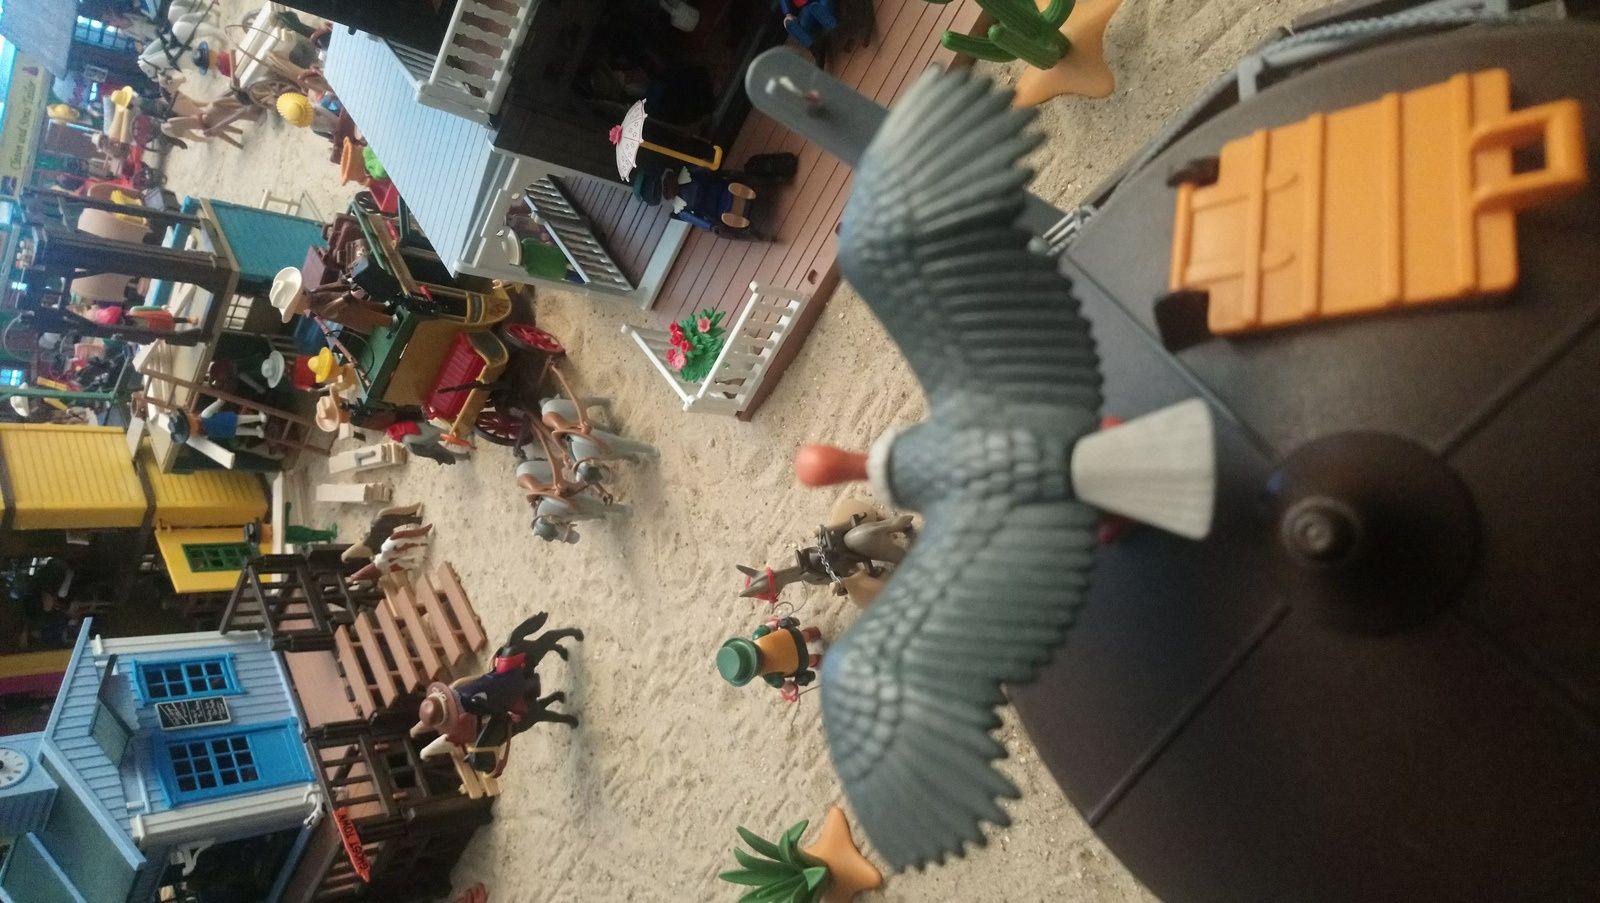 Du haut du château d'eau de Niederplay, un vautour guette